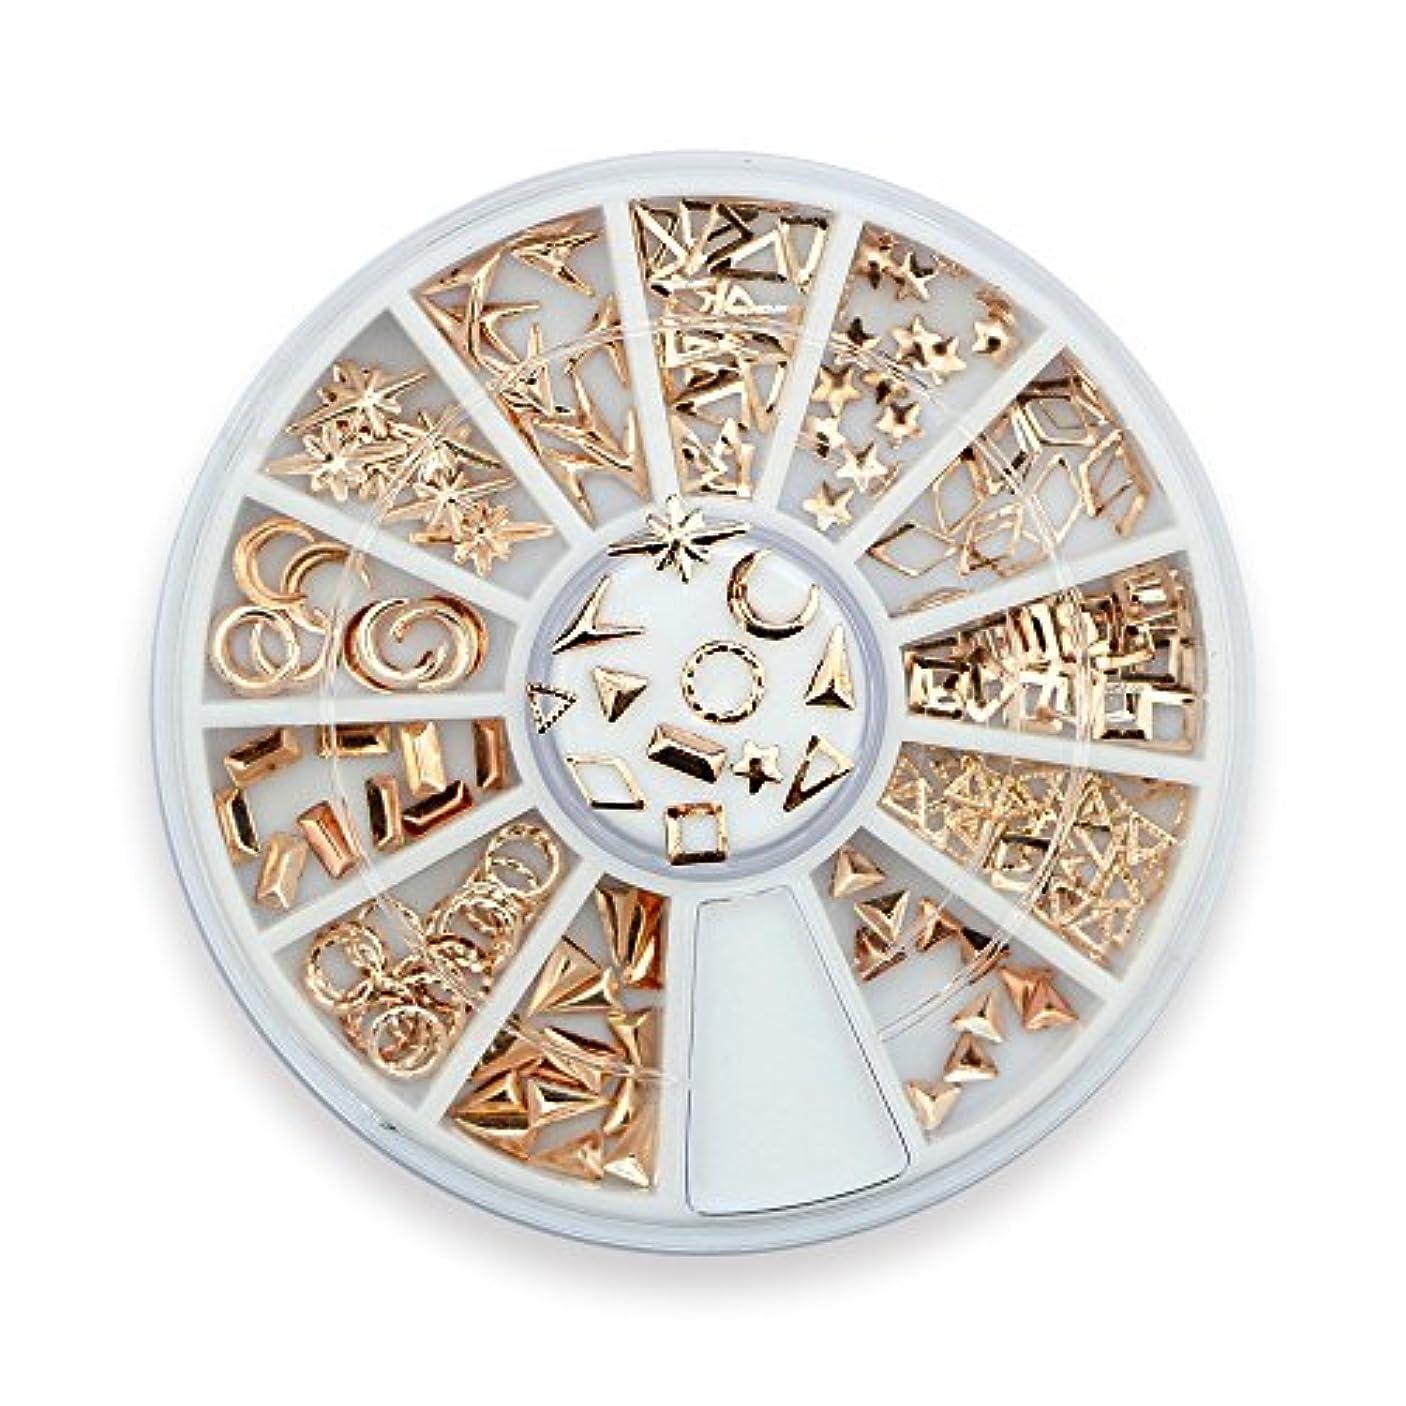 ホイットニー拒否生活Takarafune ネイルアート ネイル パーツ ローズゴールド メタルスタッズ セットビジュー ジェルネイル 3Dネイルデコレーション 12種類